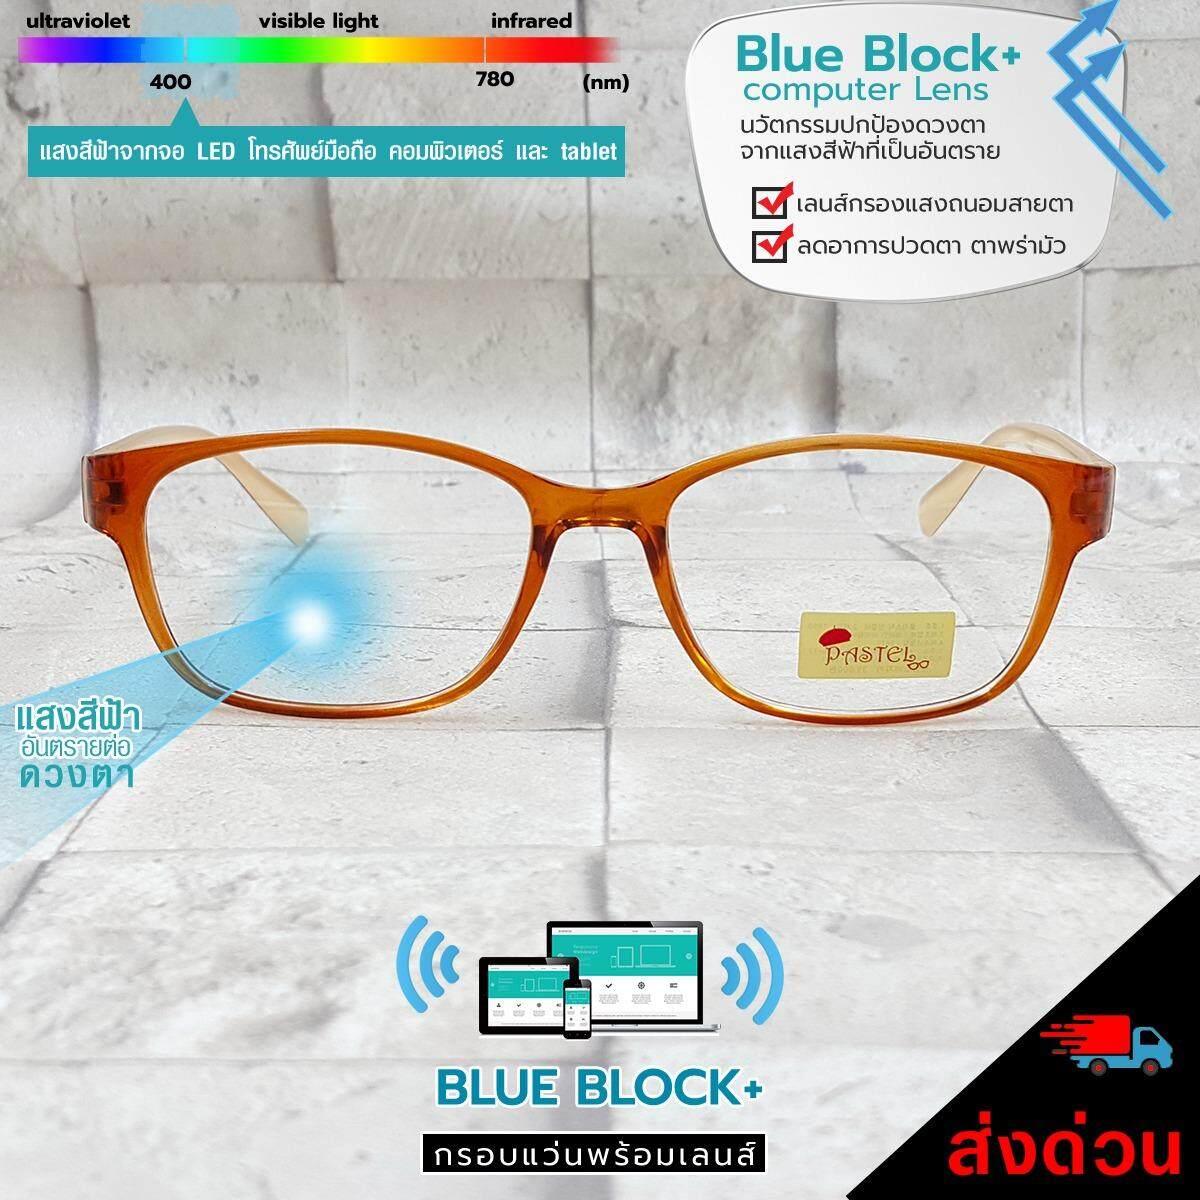 ซื้อ แว่นตากรองแสงบลู หน้าจอมือถือและคอมพิวเตอร์ ลดอาการแสบตา ยี่ห้อ Pastel รุ่น Blue Tt103 ด้วยเทคโนโลยีใหม่ล่าสุด Nano Blue Light Block Plus รู้สึกสบายตาทันที ตั้งแต่ใส่ครั้งแรก ใน ไทย